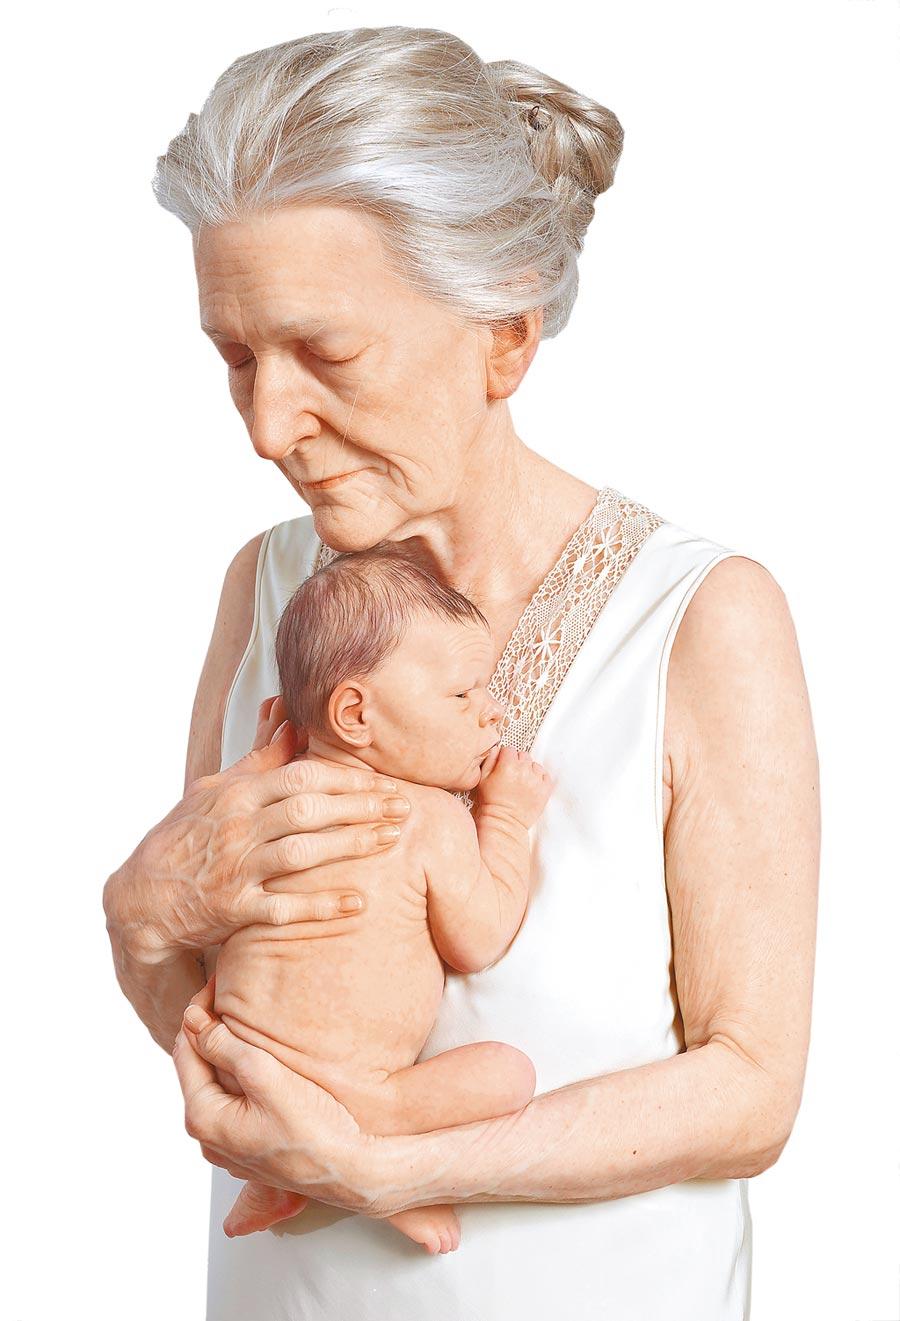 山姆.詹克斯作品《老婦溫暖地懷抱嬰兒》。圖片提供/時藝多媒體